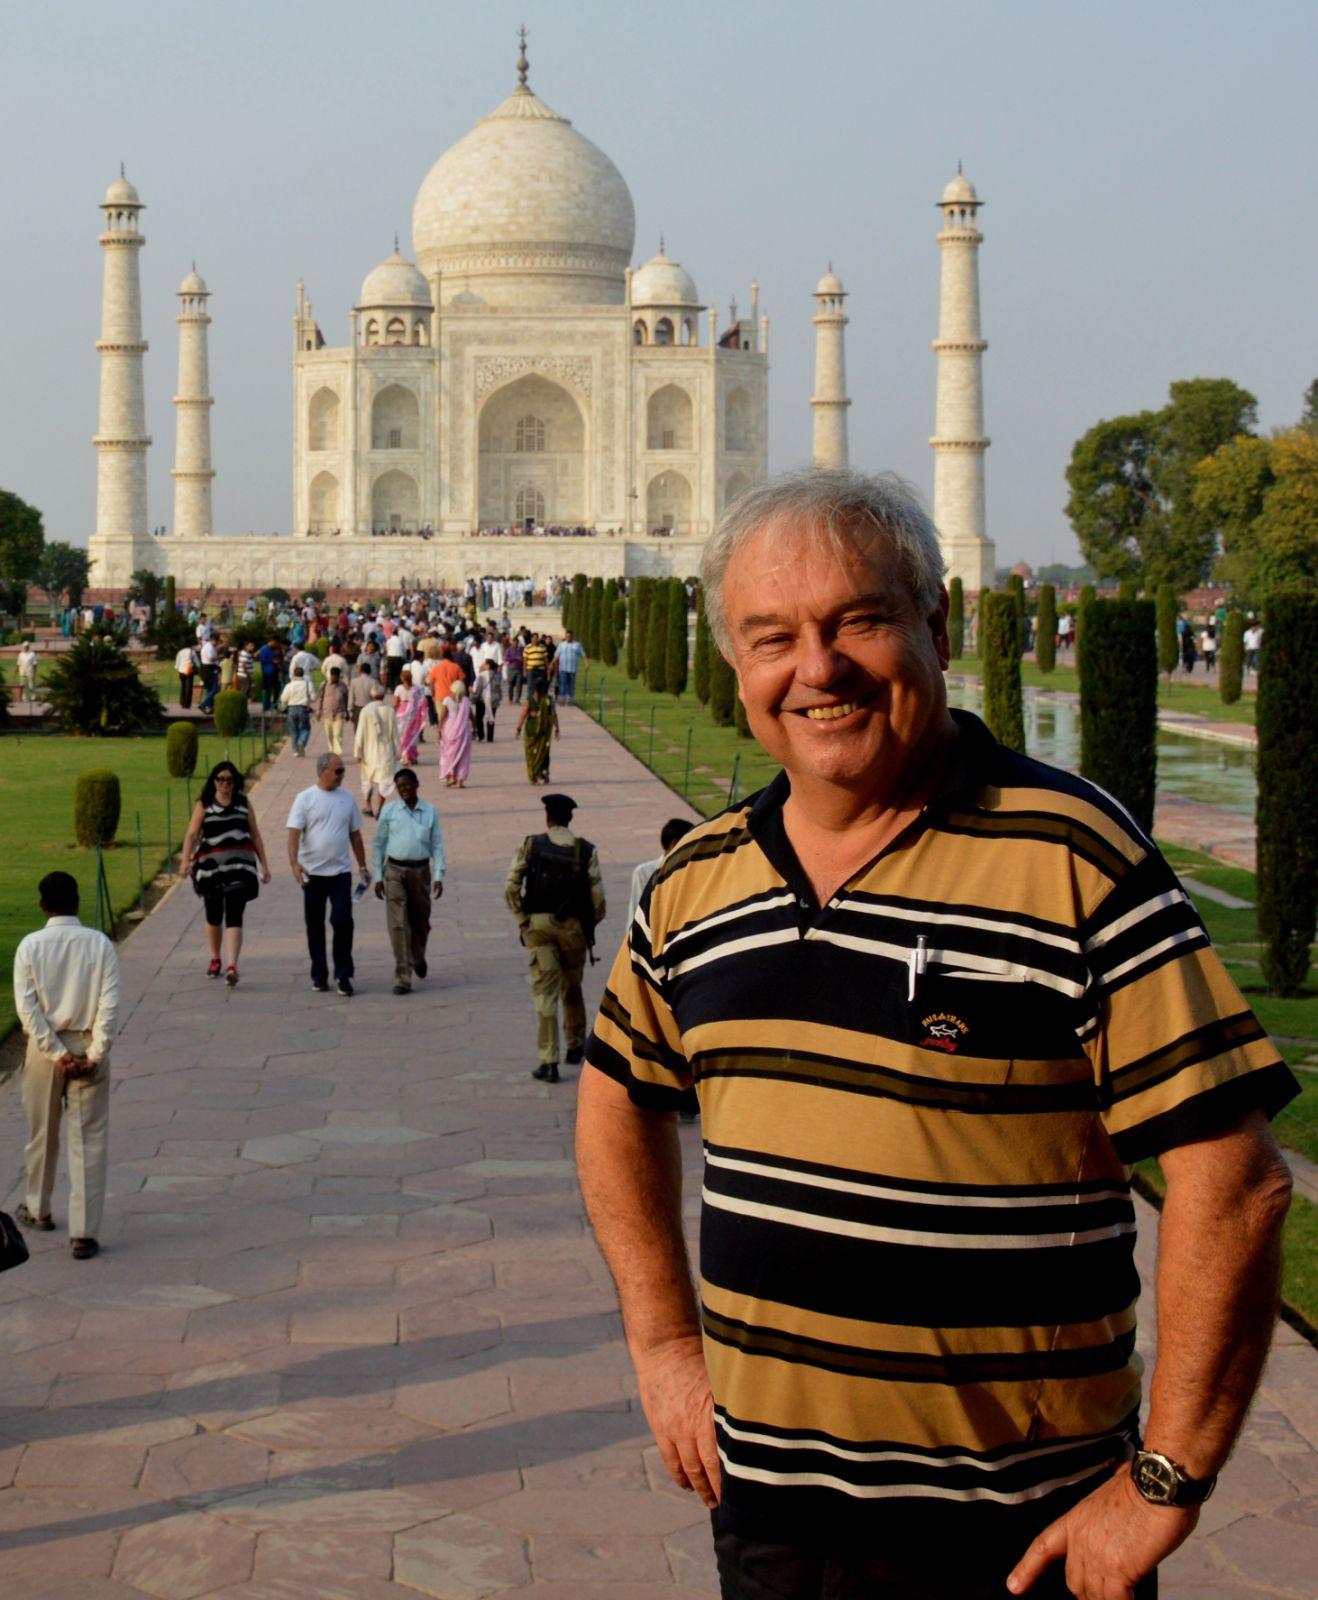 משה מילנר בהודו, השנה